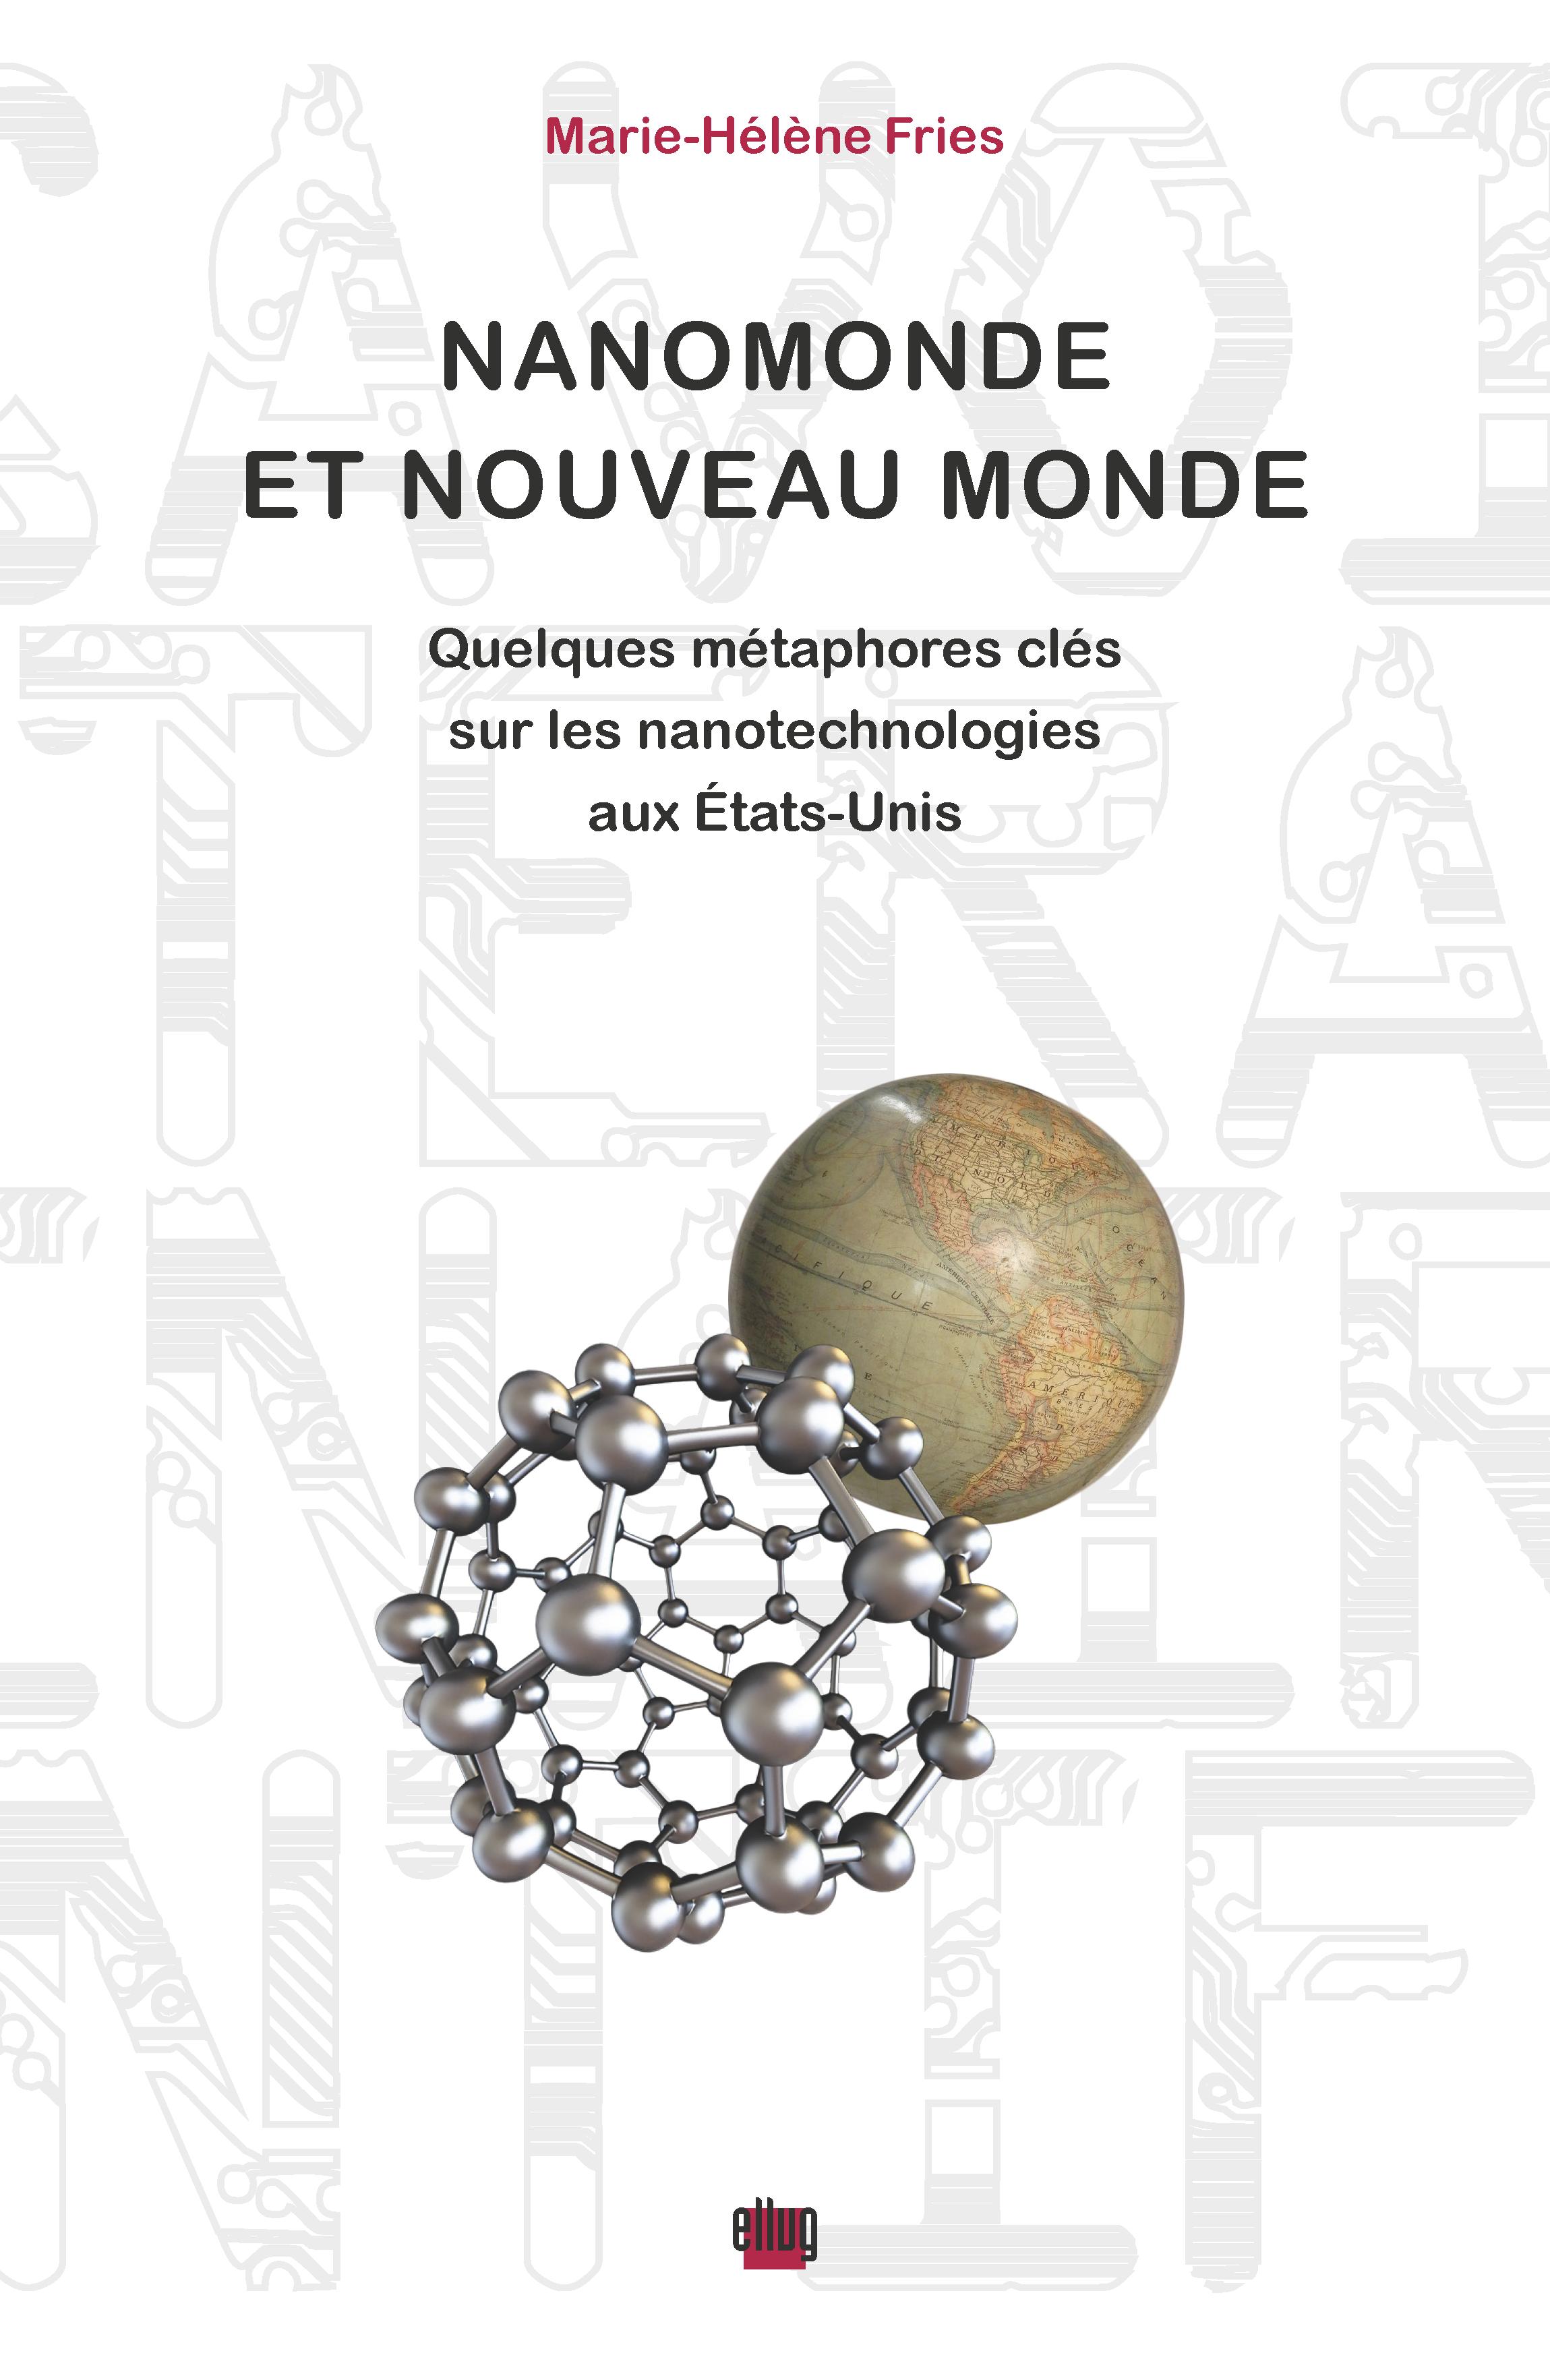 M.-H. Fries, Nanomonde et Nouveau Monde